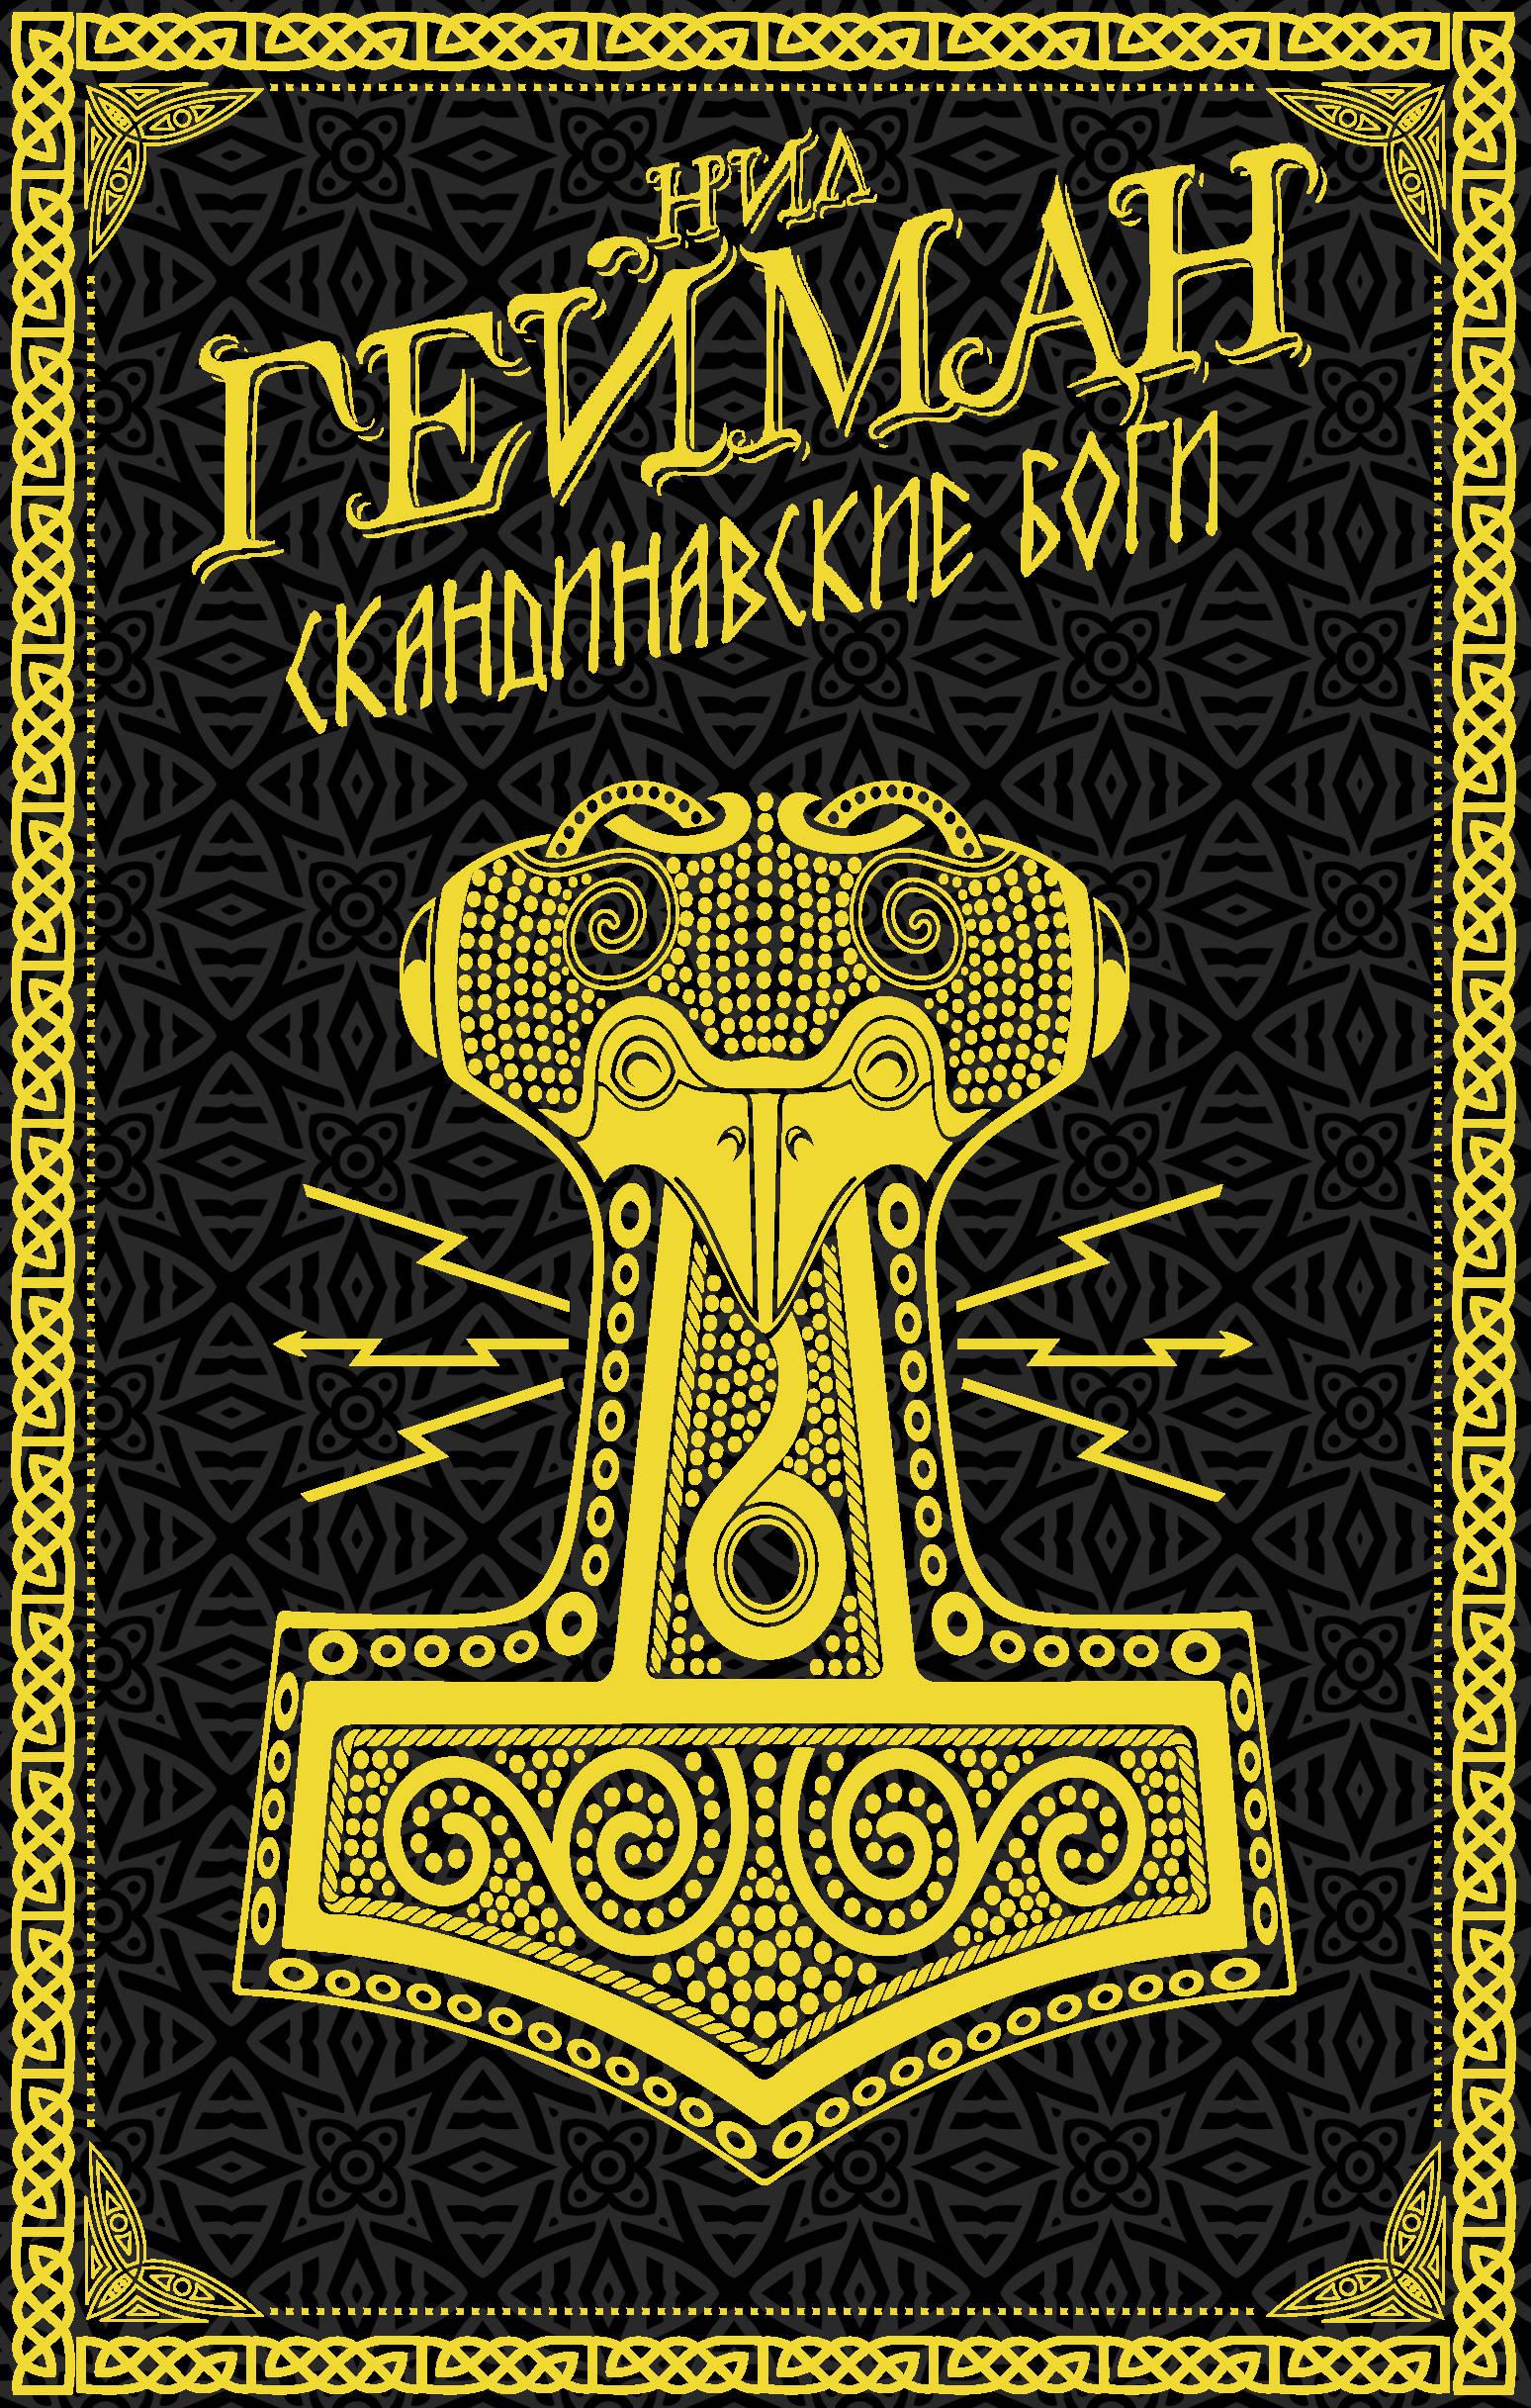 Мирф о викингах: наши любимые книги, сериалы, игры и музыка 2